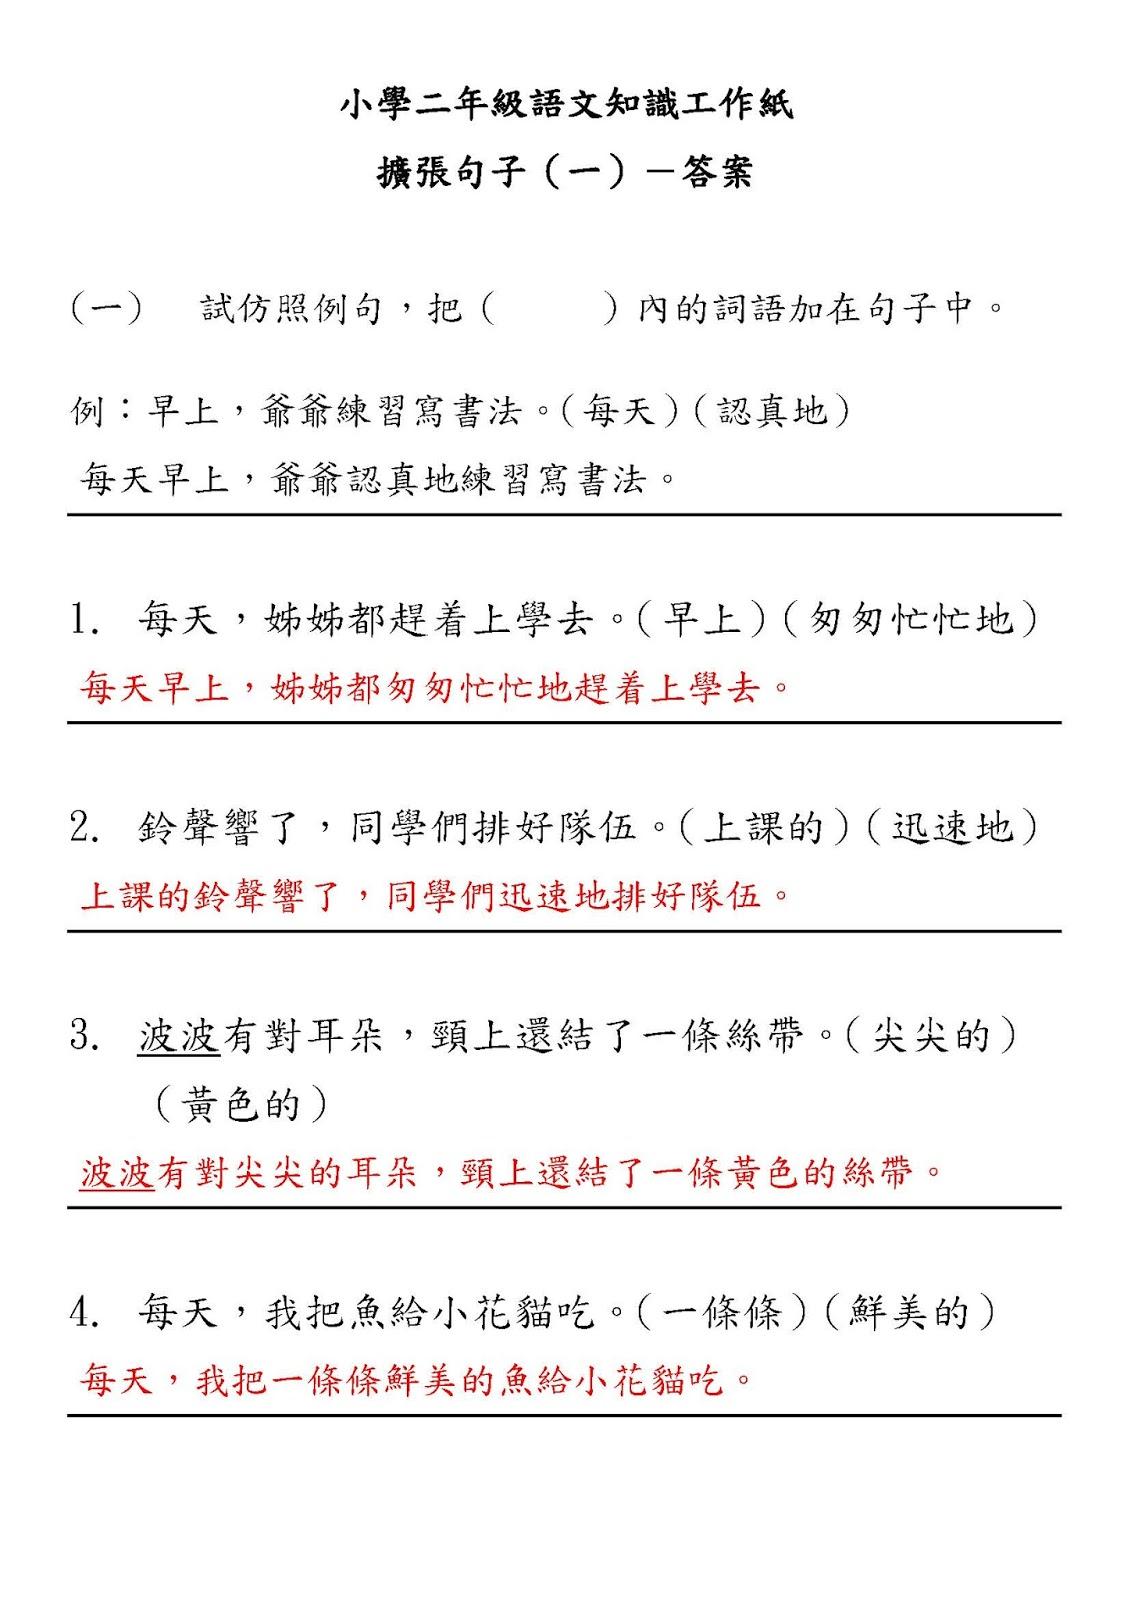 小二語文知識工作紙:擴張句子(一)|中文工作紙|尤莉姐姐的反轉學堂